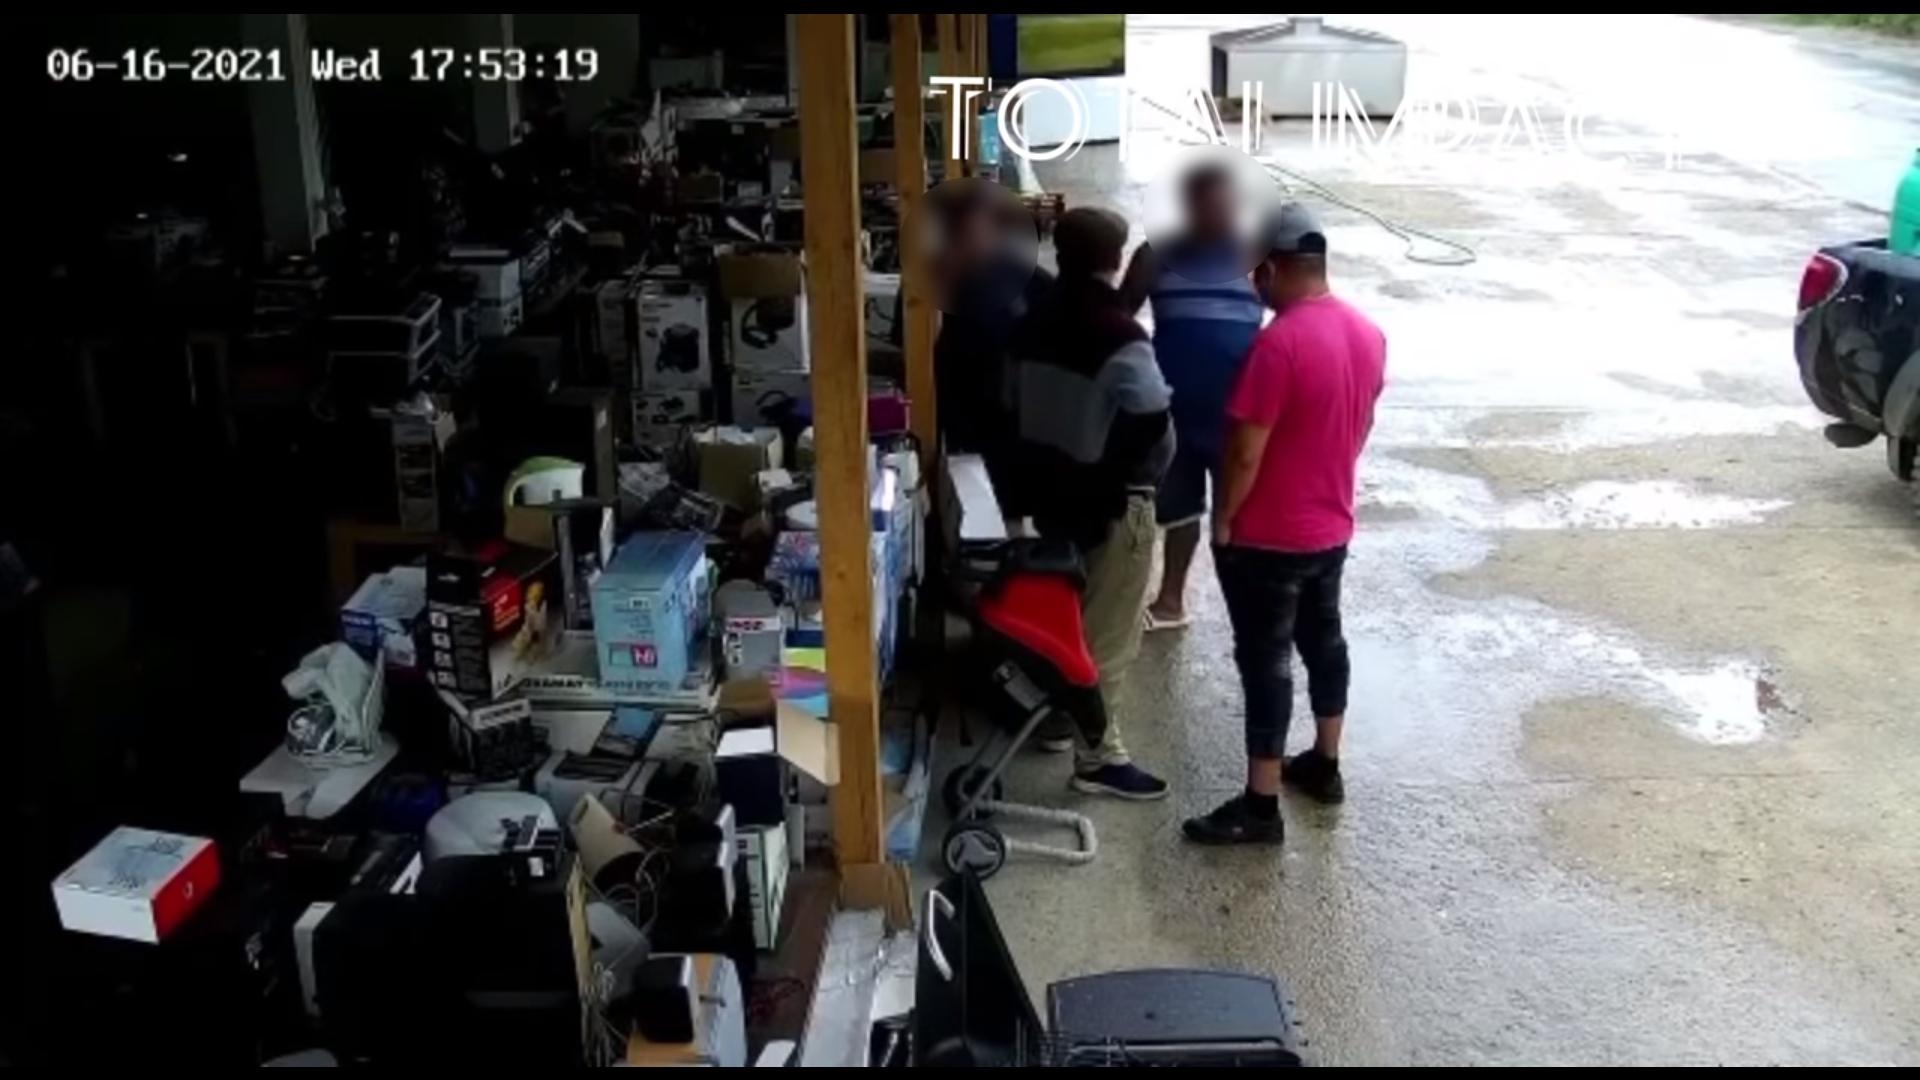 VIDEO. Angajații unui magazin din Teleorman, bătuți de interlopi. Patronul nu ar fi achitat taxa de protecție